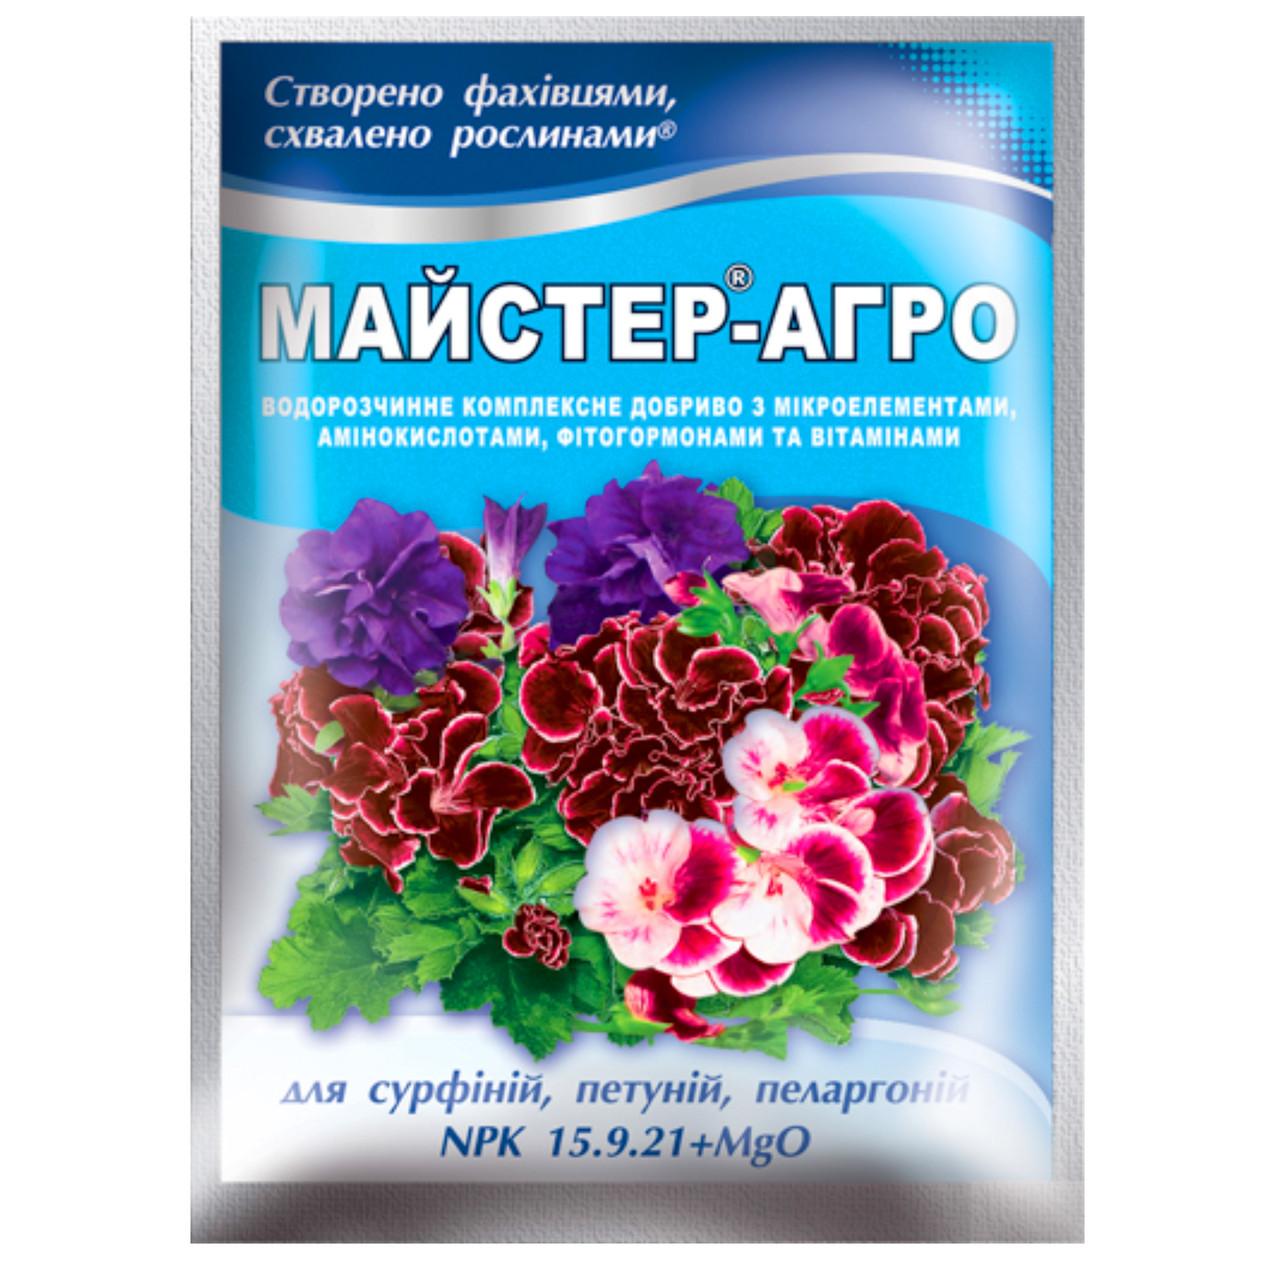 Удобрение Мастер-агро для сурфиний, петуний, пеларгоний 15.9.24+MgO 25 г